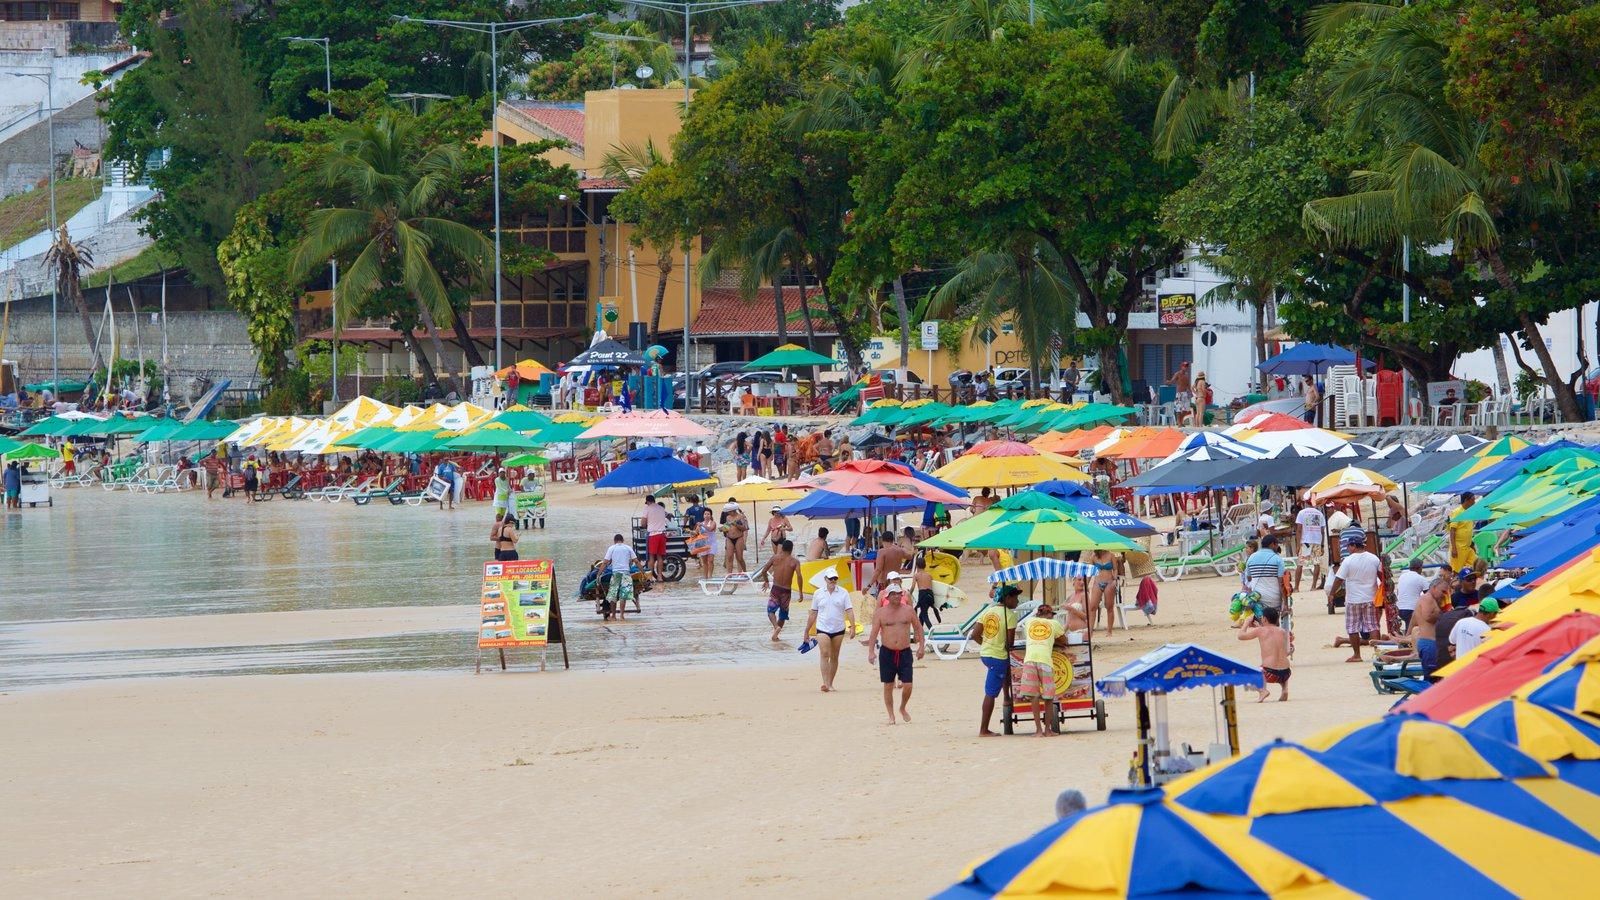 Praia de Ponta Negra que inclui paisagens litorâneas, uma cidade litorânea e uma praia